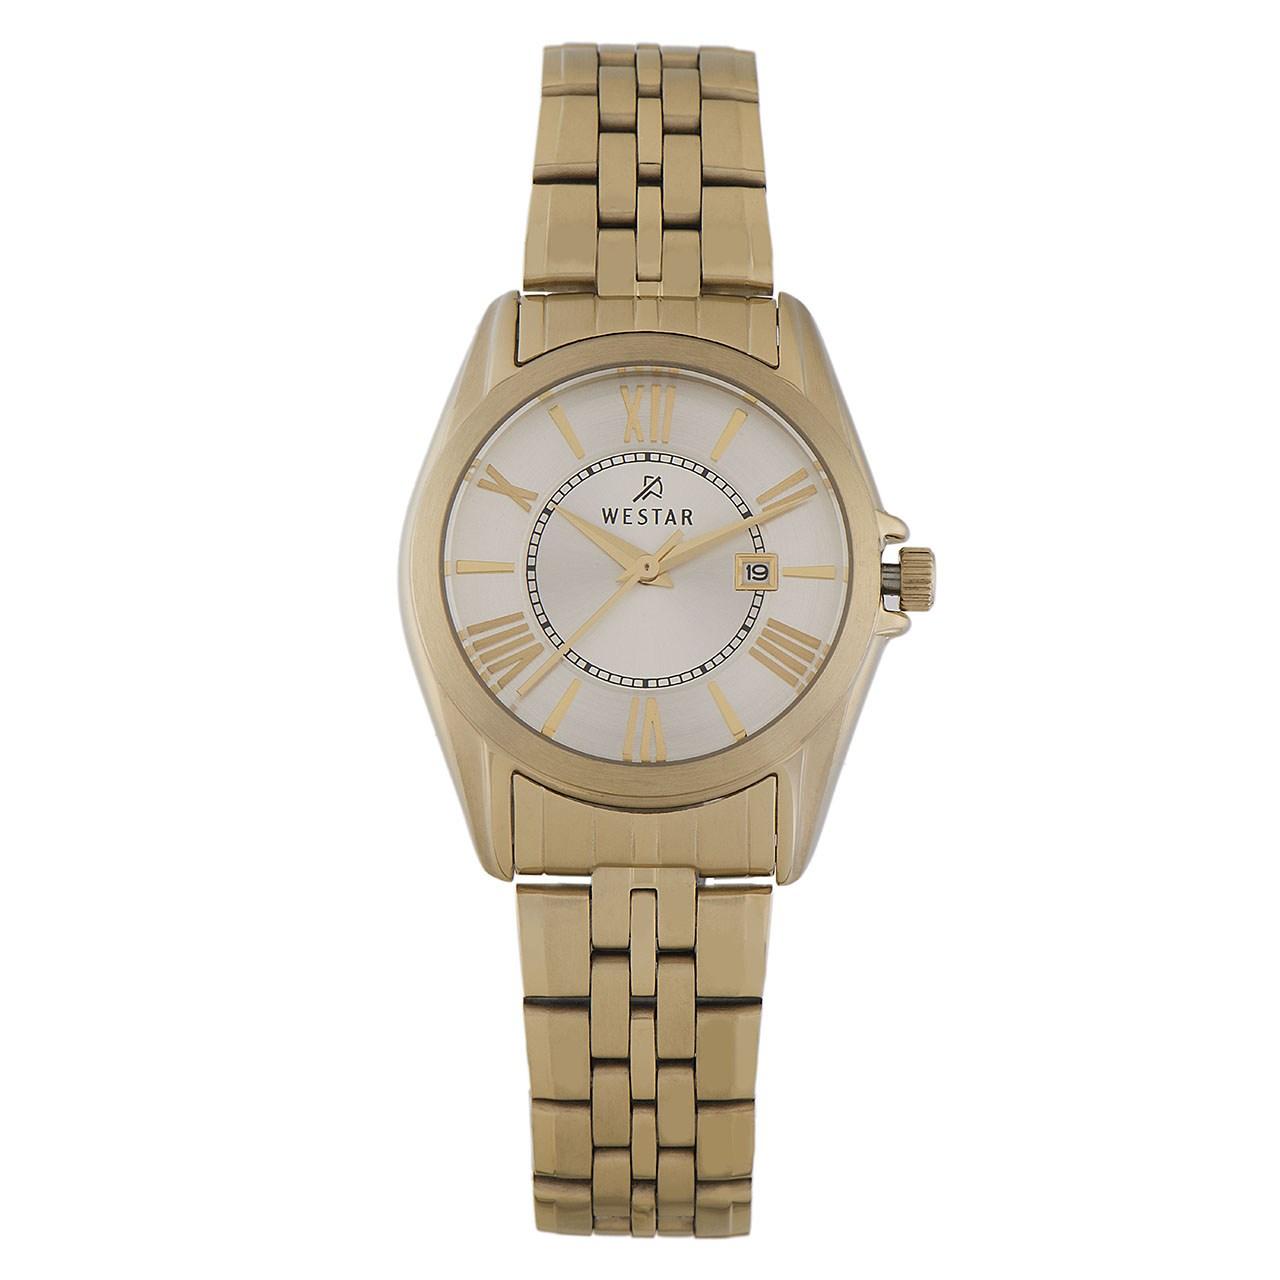 خرید                                      ساعت مچی عقربهای زنانه وستار مدل W4905GPN107